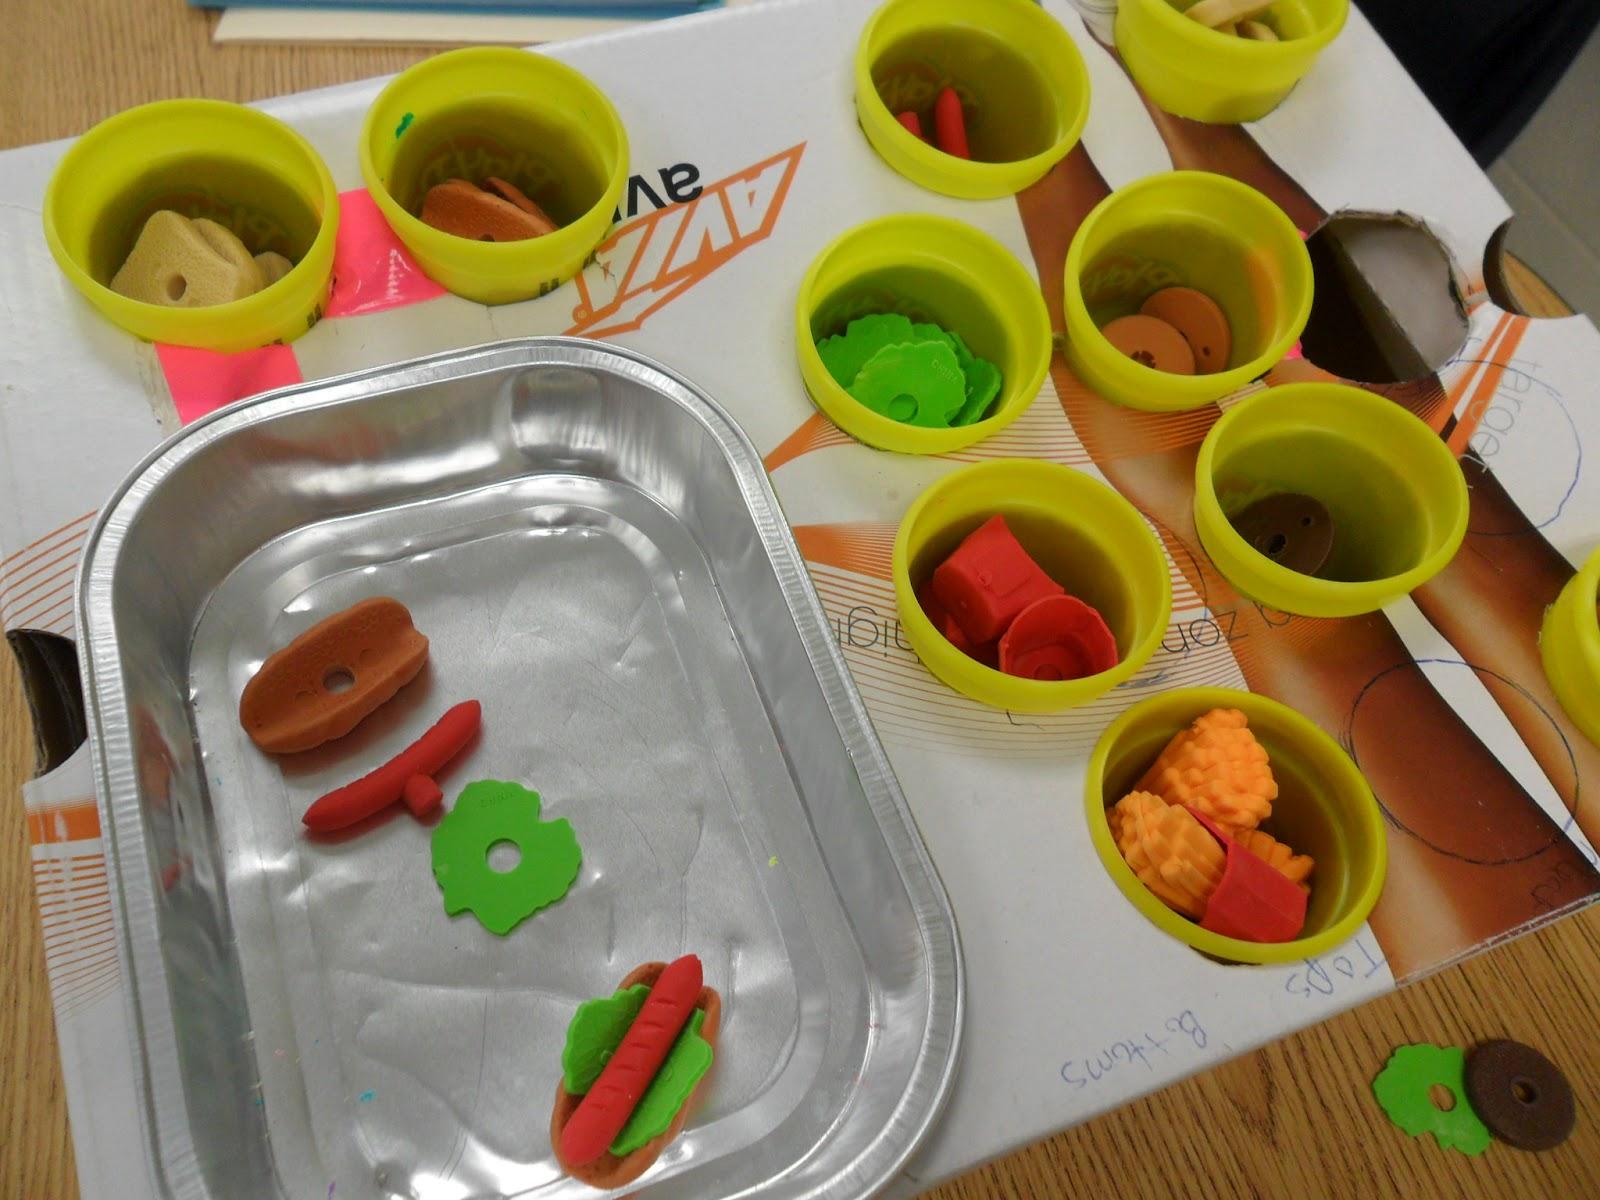 Ot Tools For Public Schools Miniature Sequencing Activity